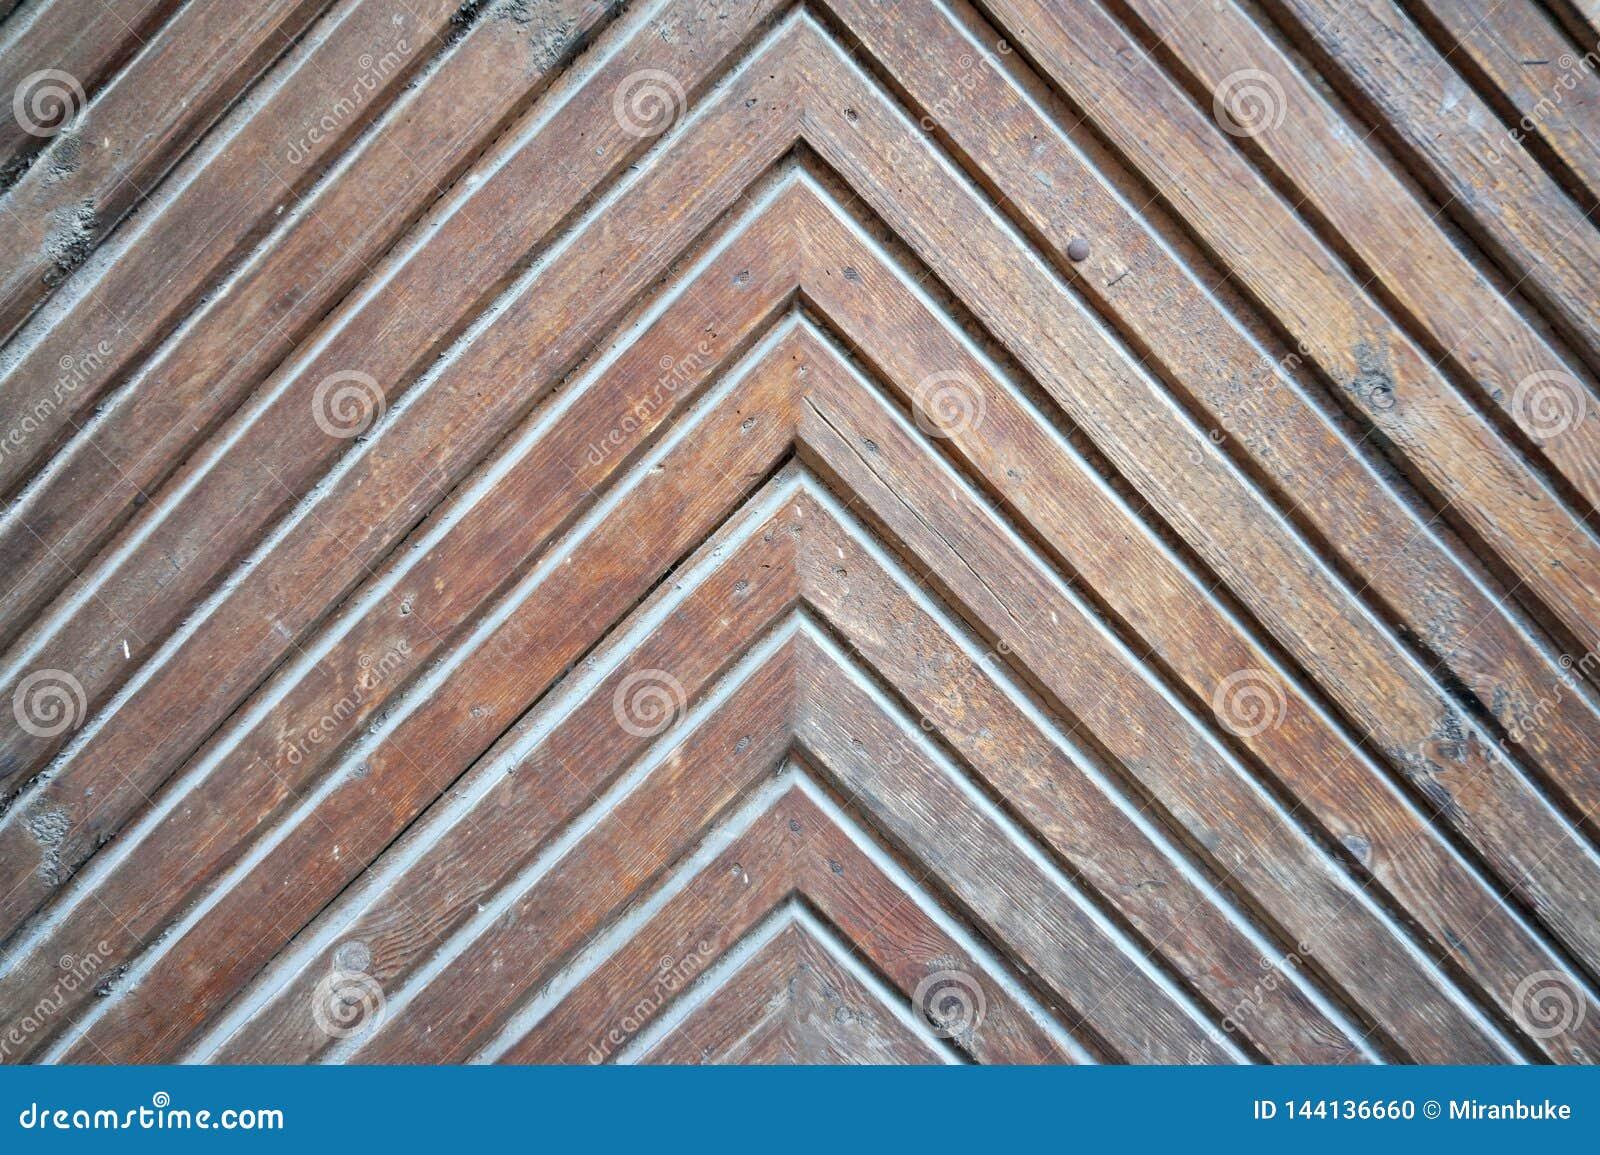 自然木背景人字形,难看的东西木条地板地板设计